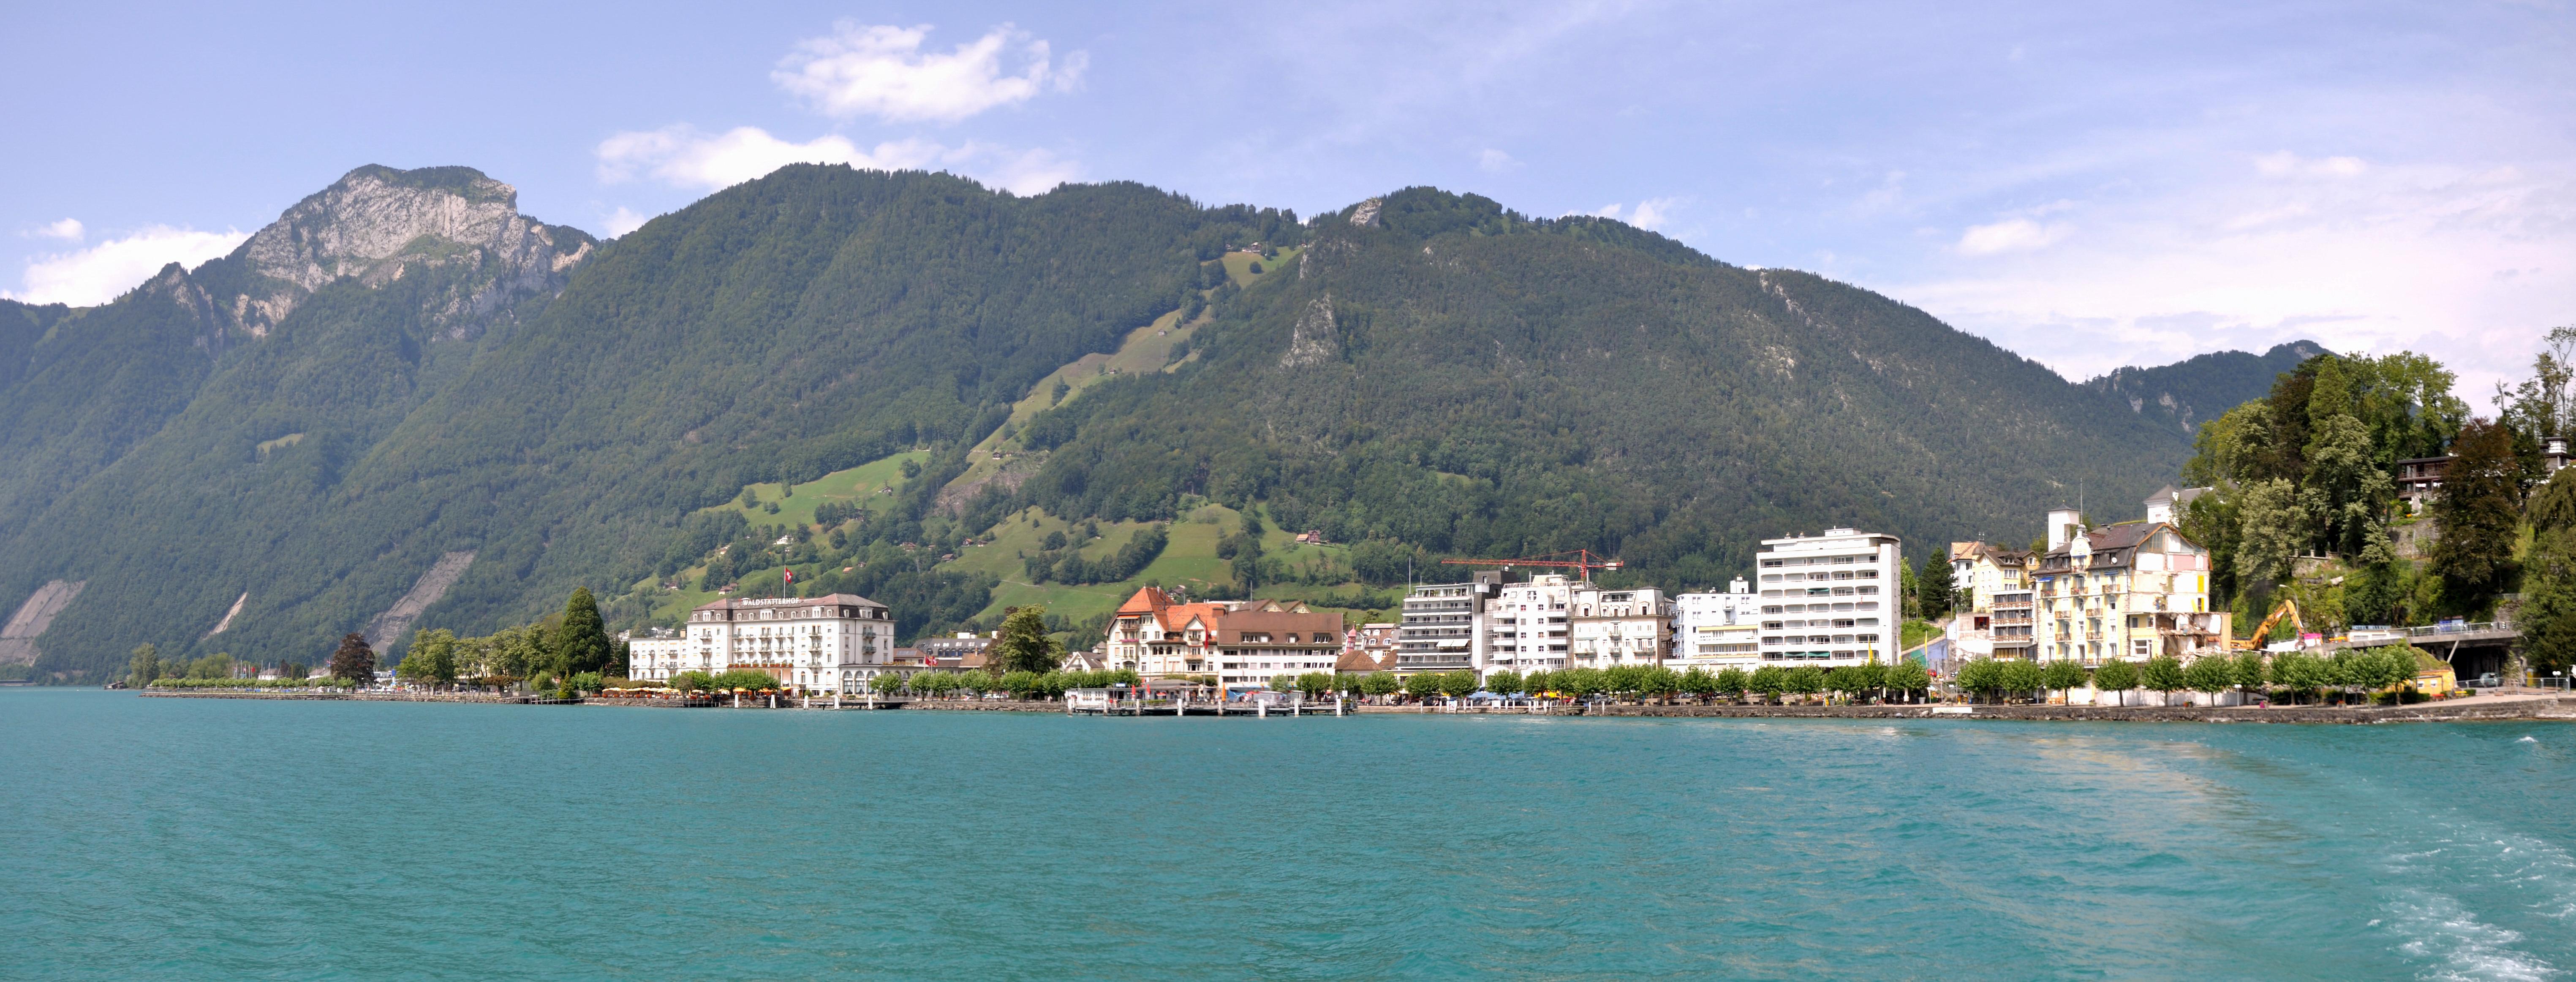 Brunnen Switzerland  city images : 2012 08 24 14 13 53 Switzerland Kanton Schwyz Brunnen 2h 98° ...